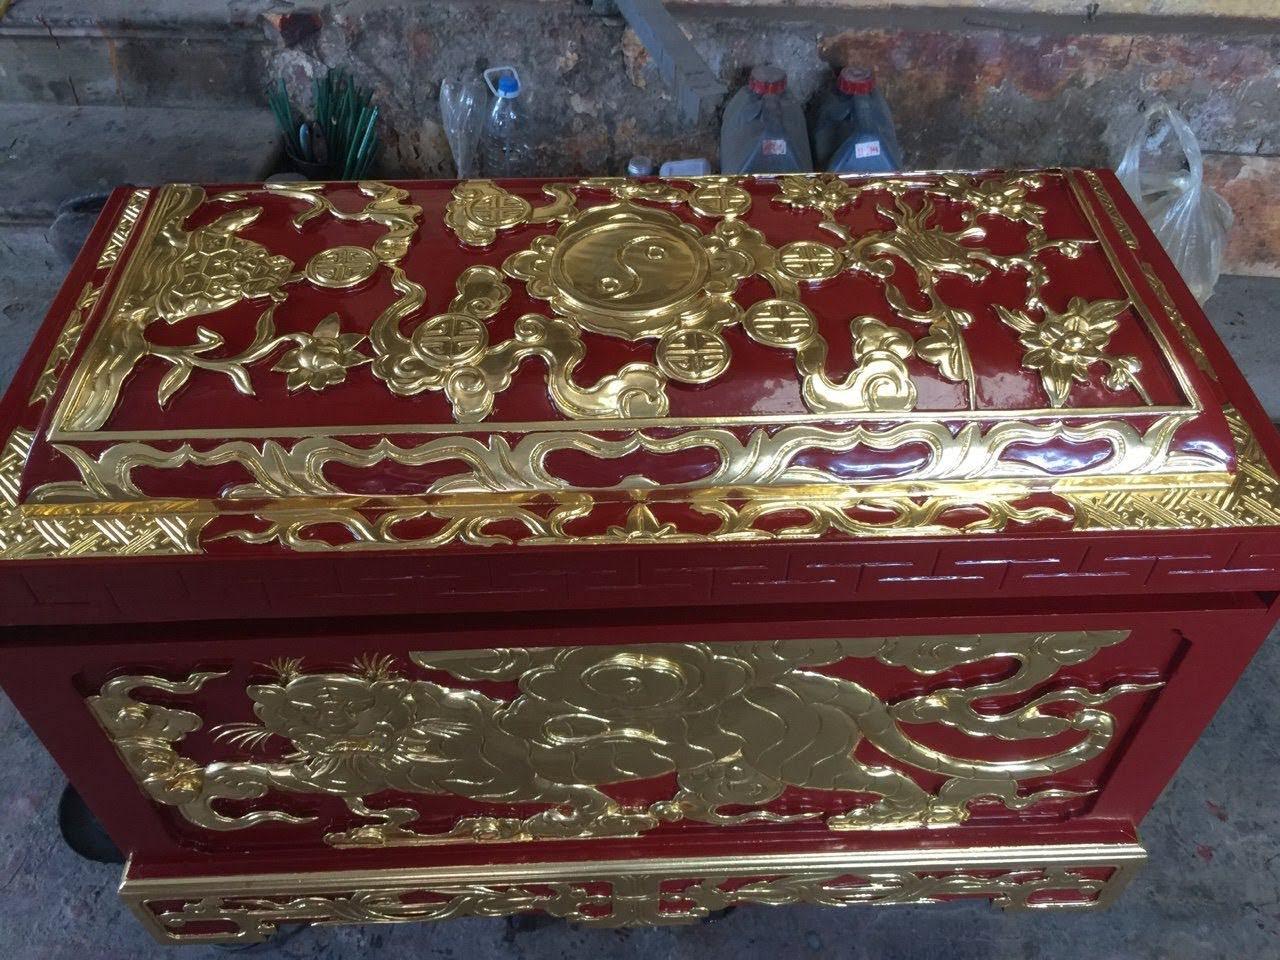 Quách gỗ vàng tâm sơn son thếp bạc phủ hoàng kim